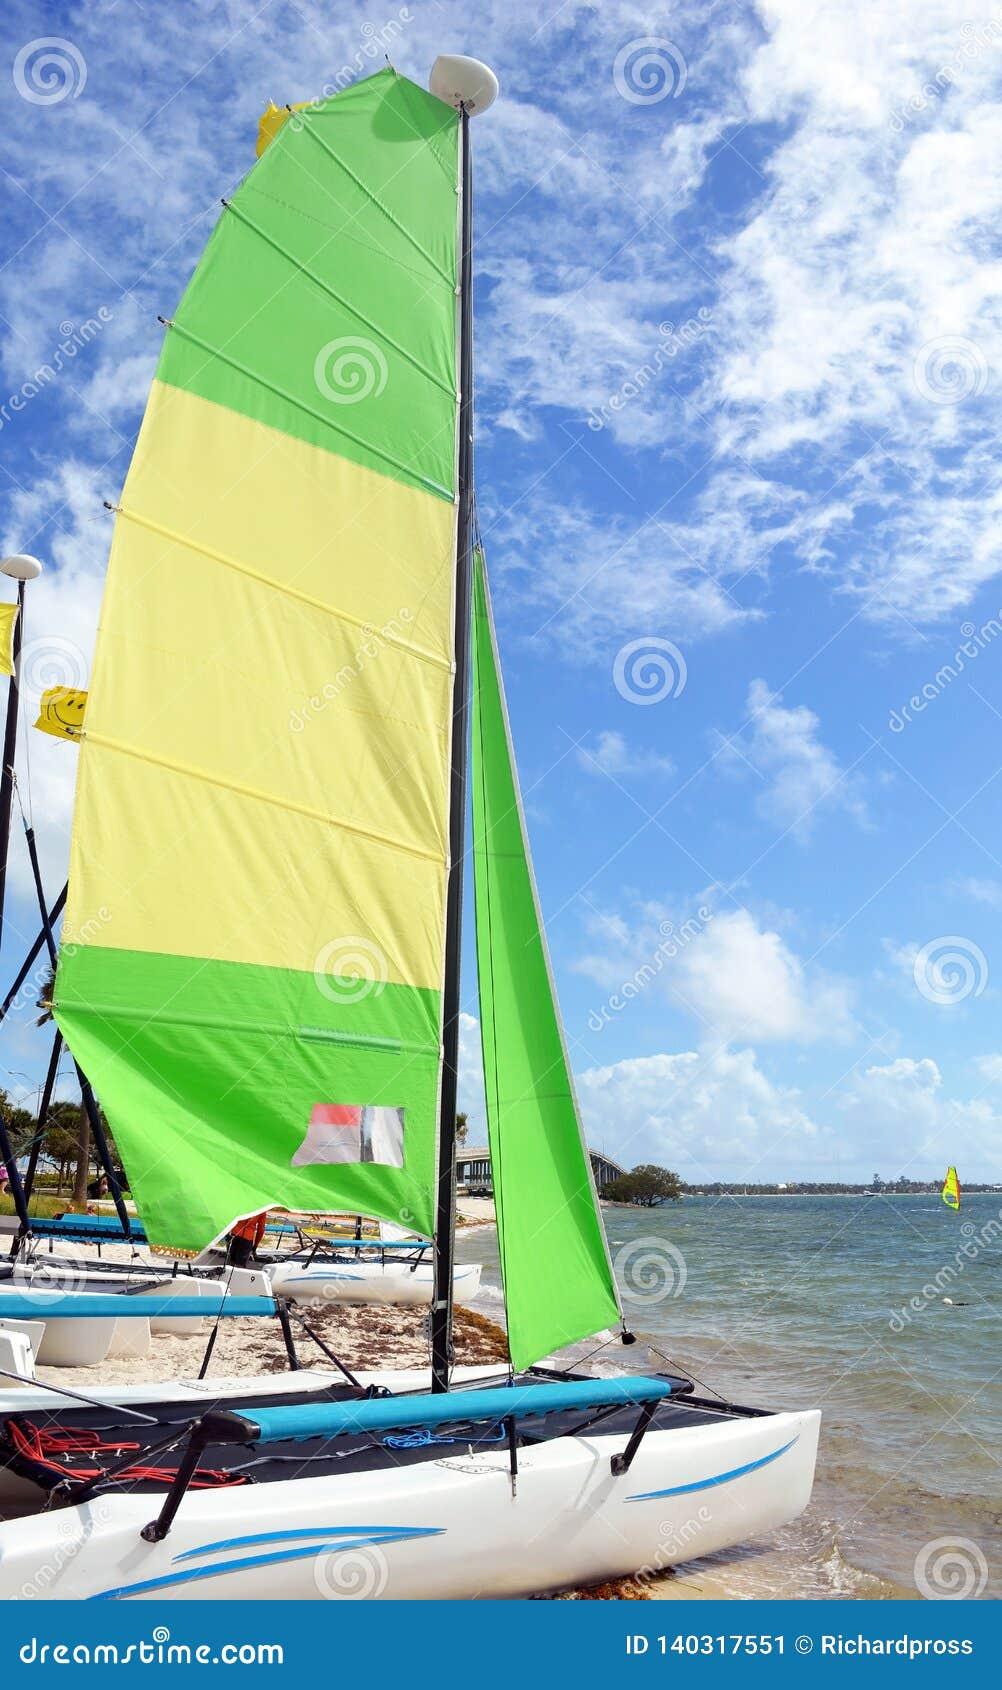 Small Sailing Catamaran With Yellow And Green Sails Stock Image